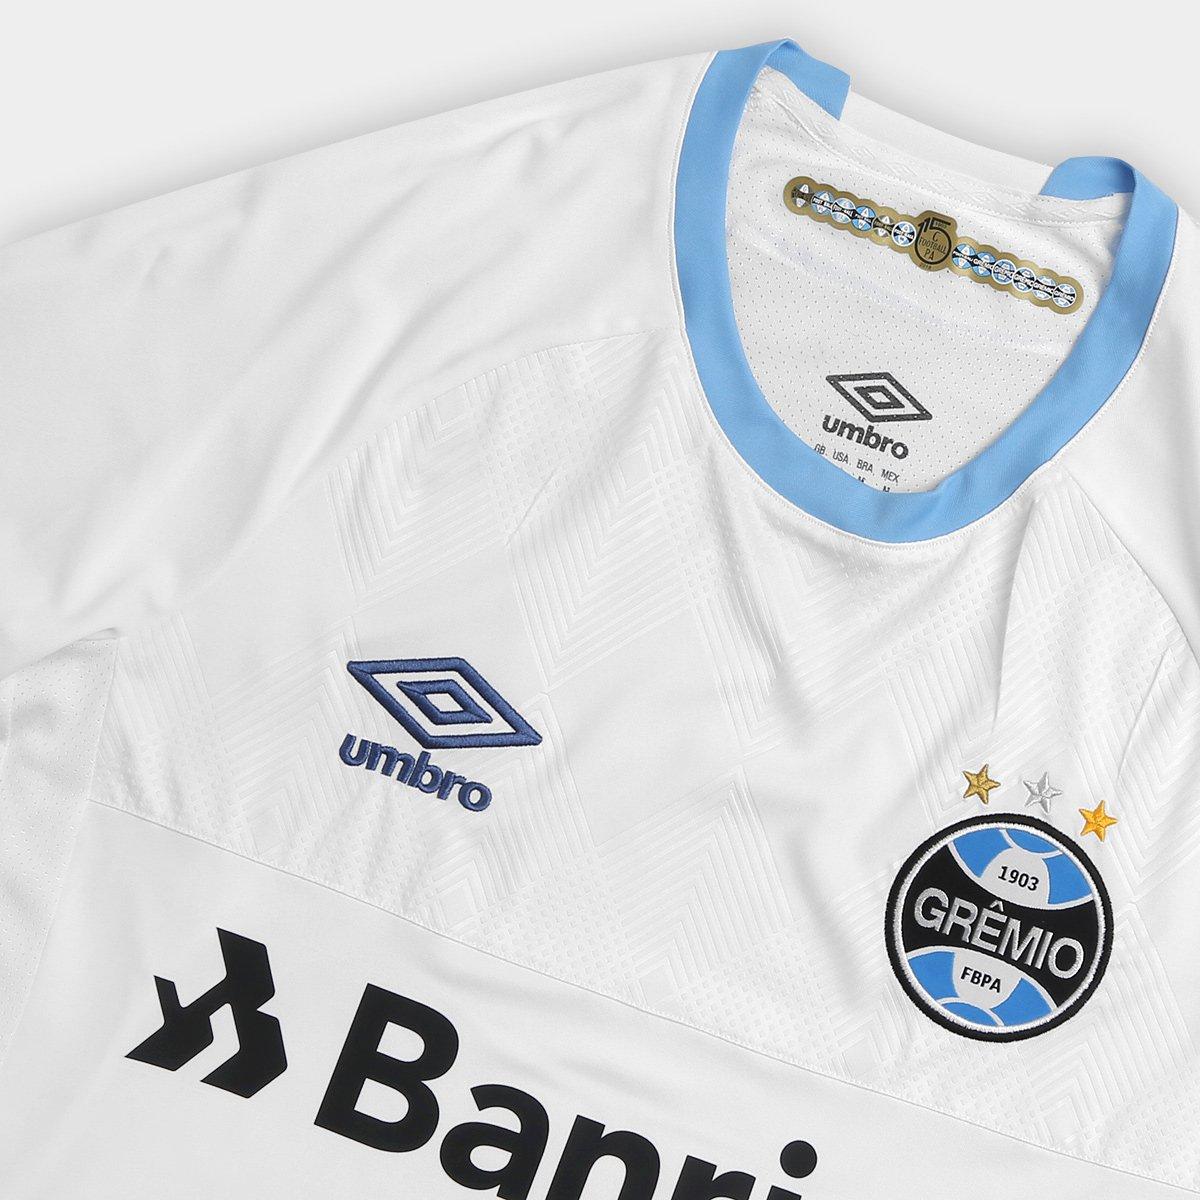 Camisa Grêmio II 2018 s n° Torcedor Umbro Masculina - Branco e Azul ... b45923a277bc6